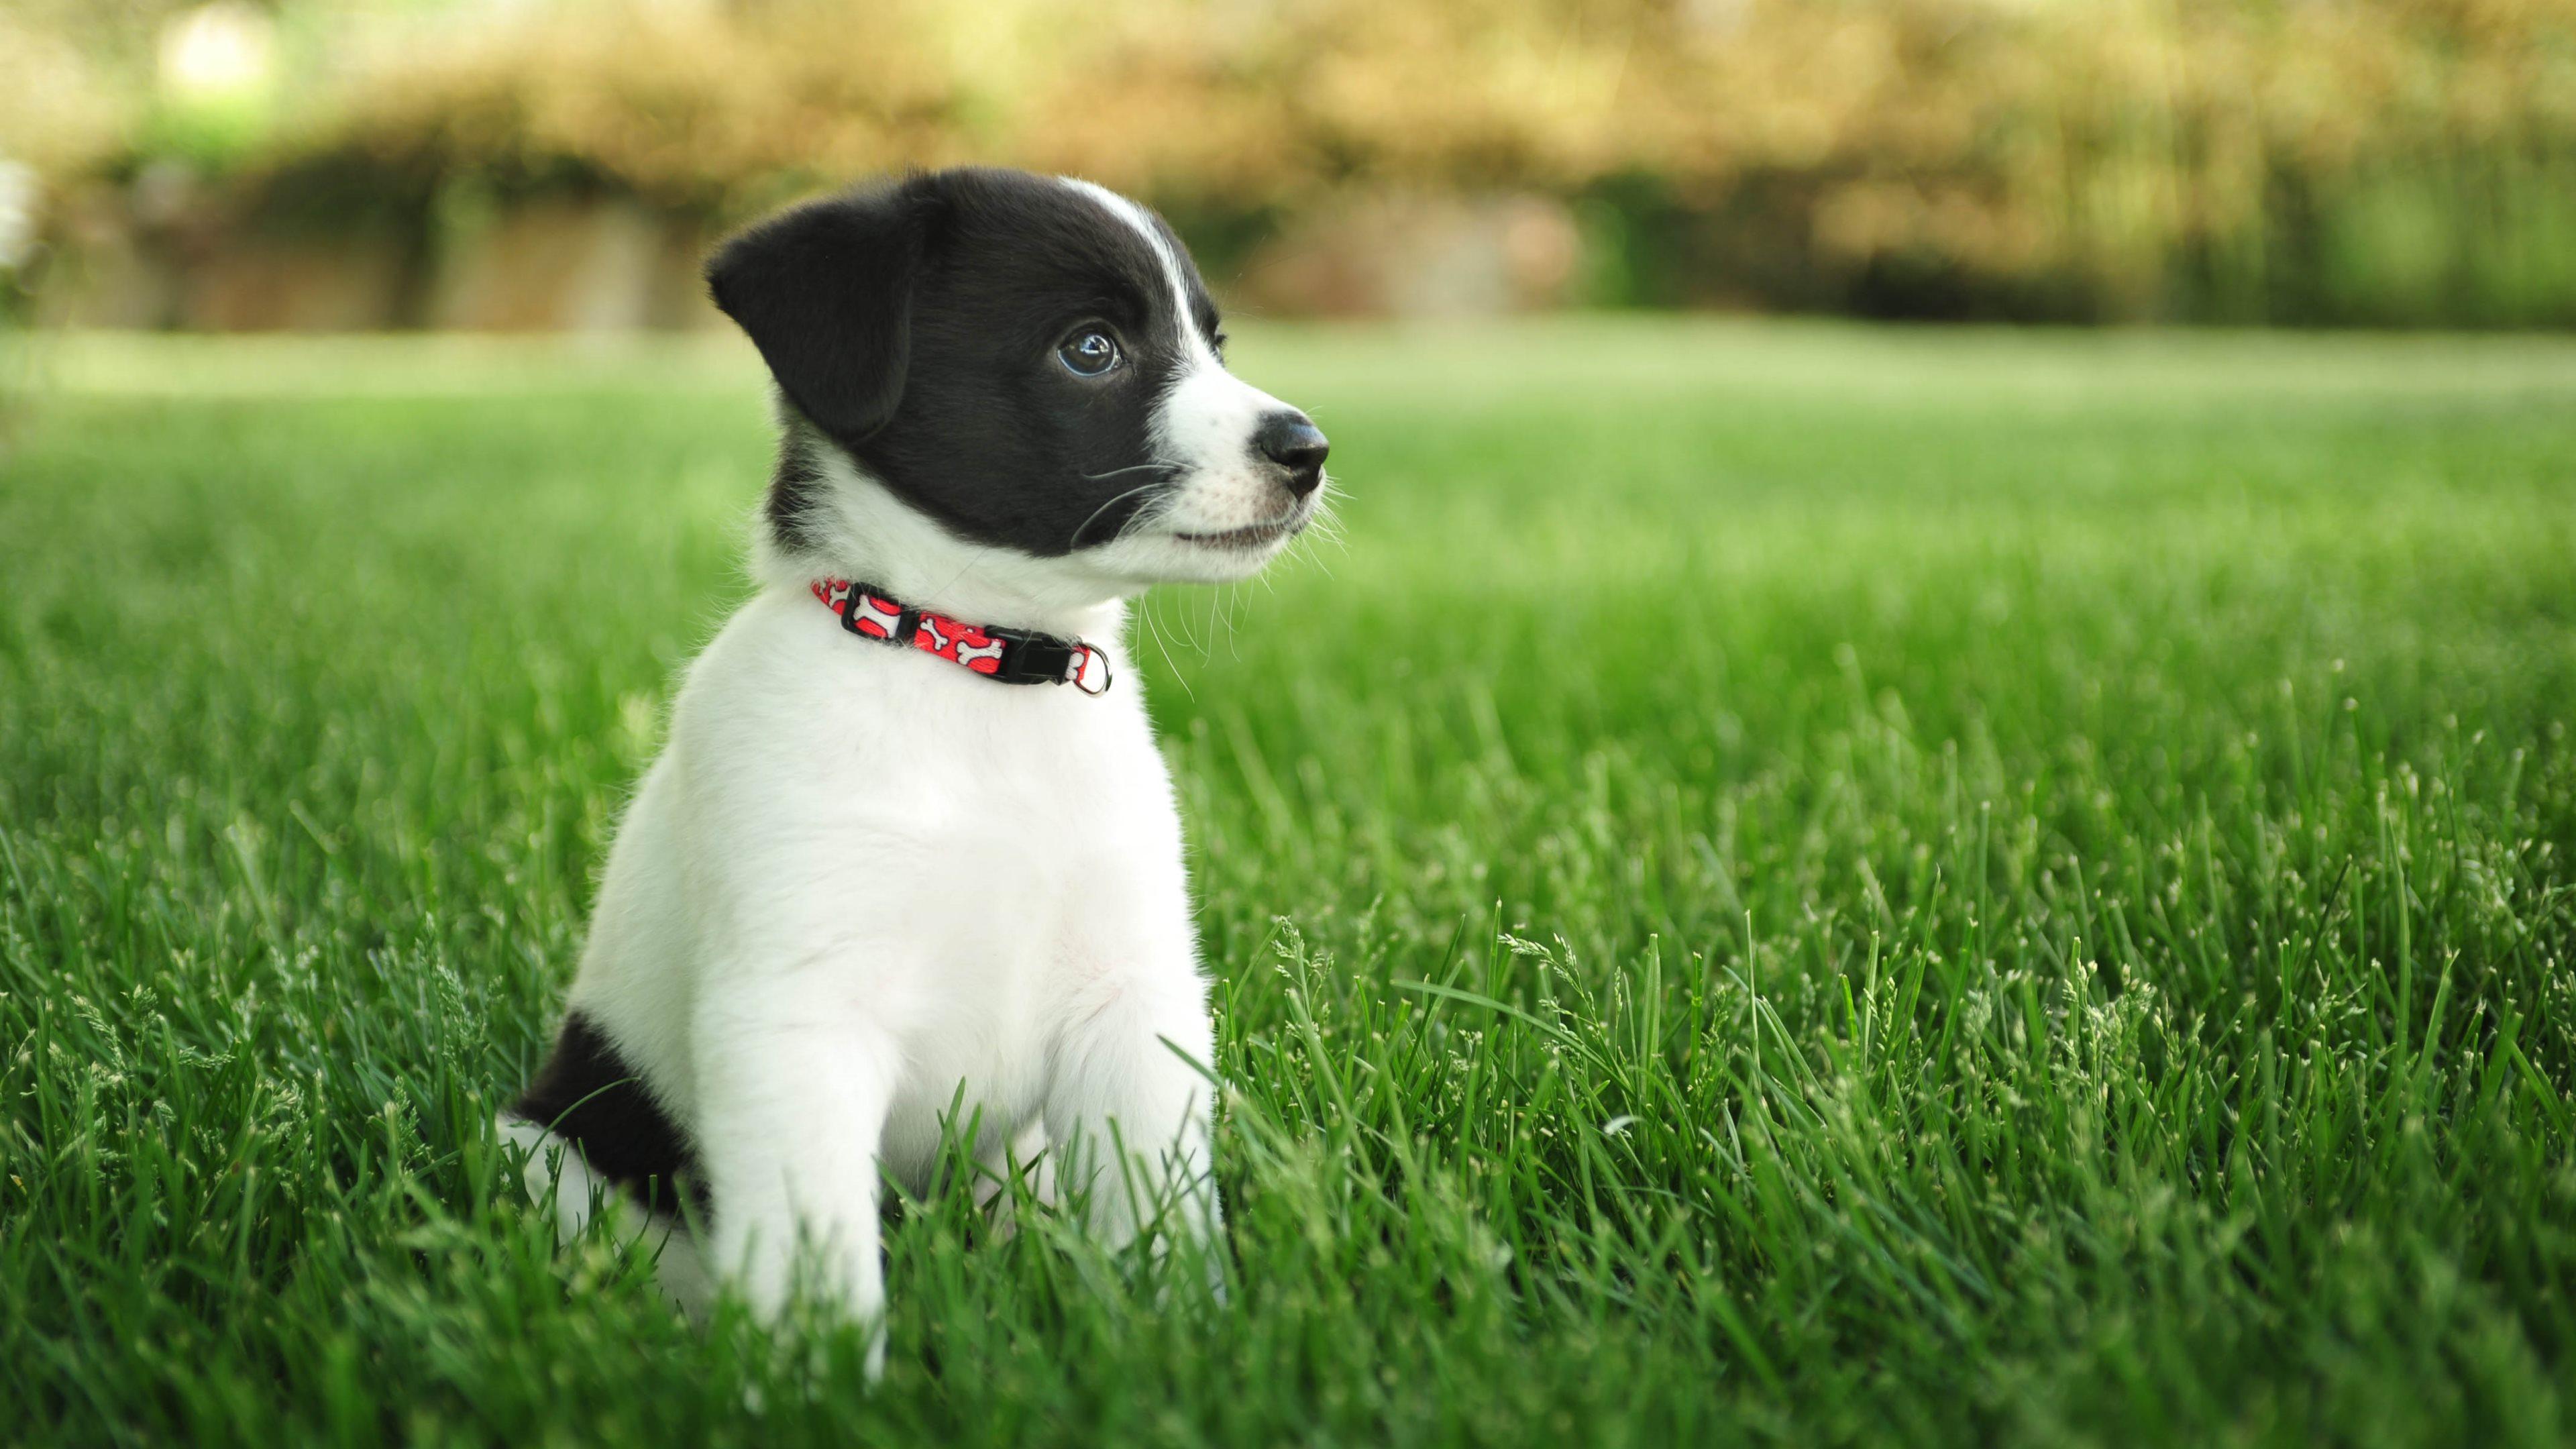 動物犬 4k壁紙 Com